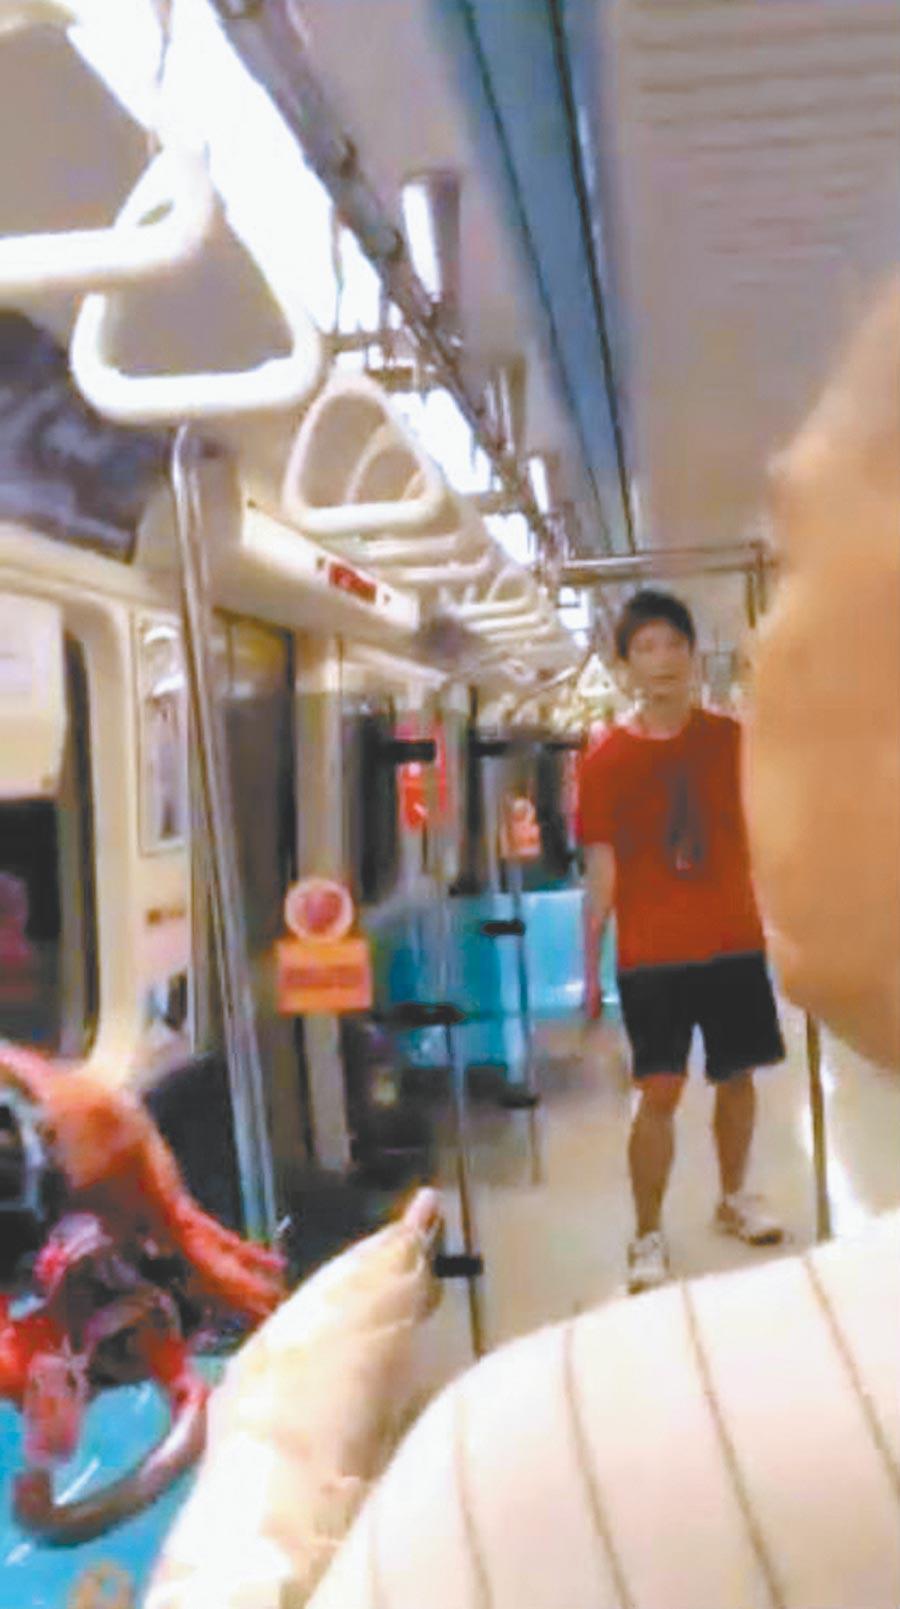 2014年5月21日,大學生鄭捷持水果刀在捷運車廂內瘋狂砍人。(翻攝乘客拍攝畫面)